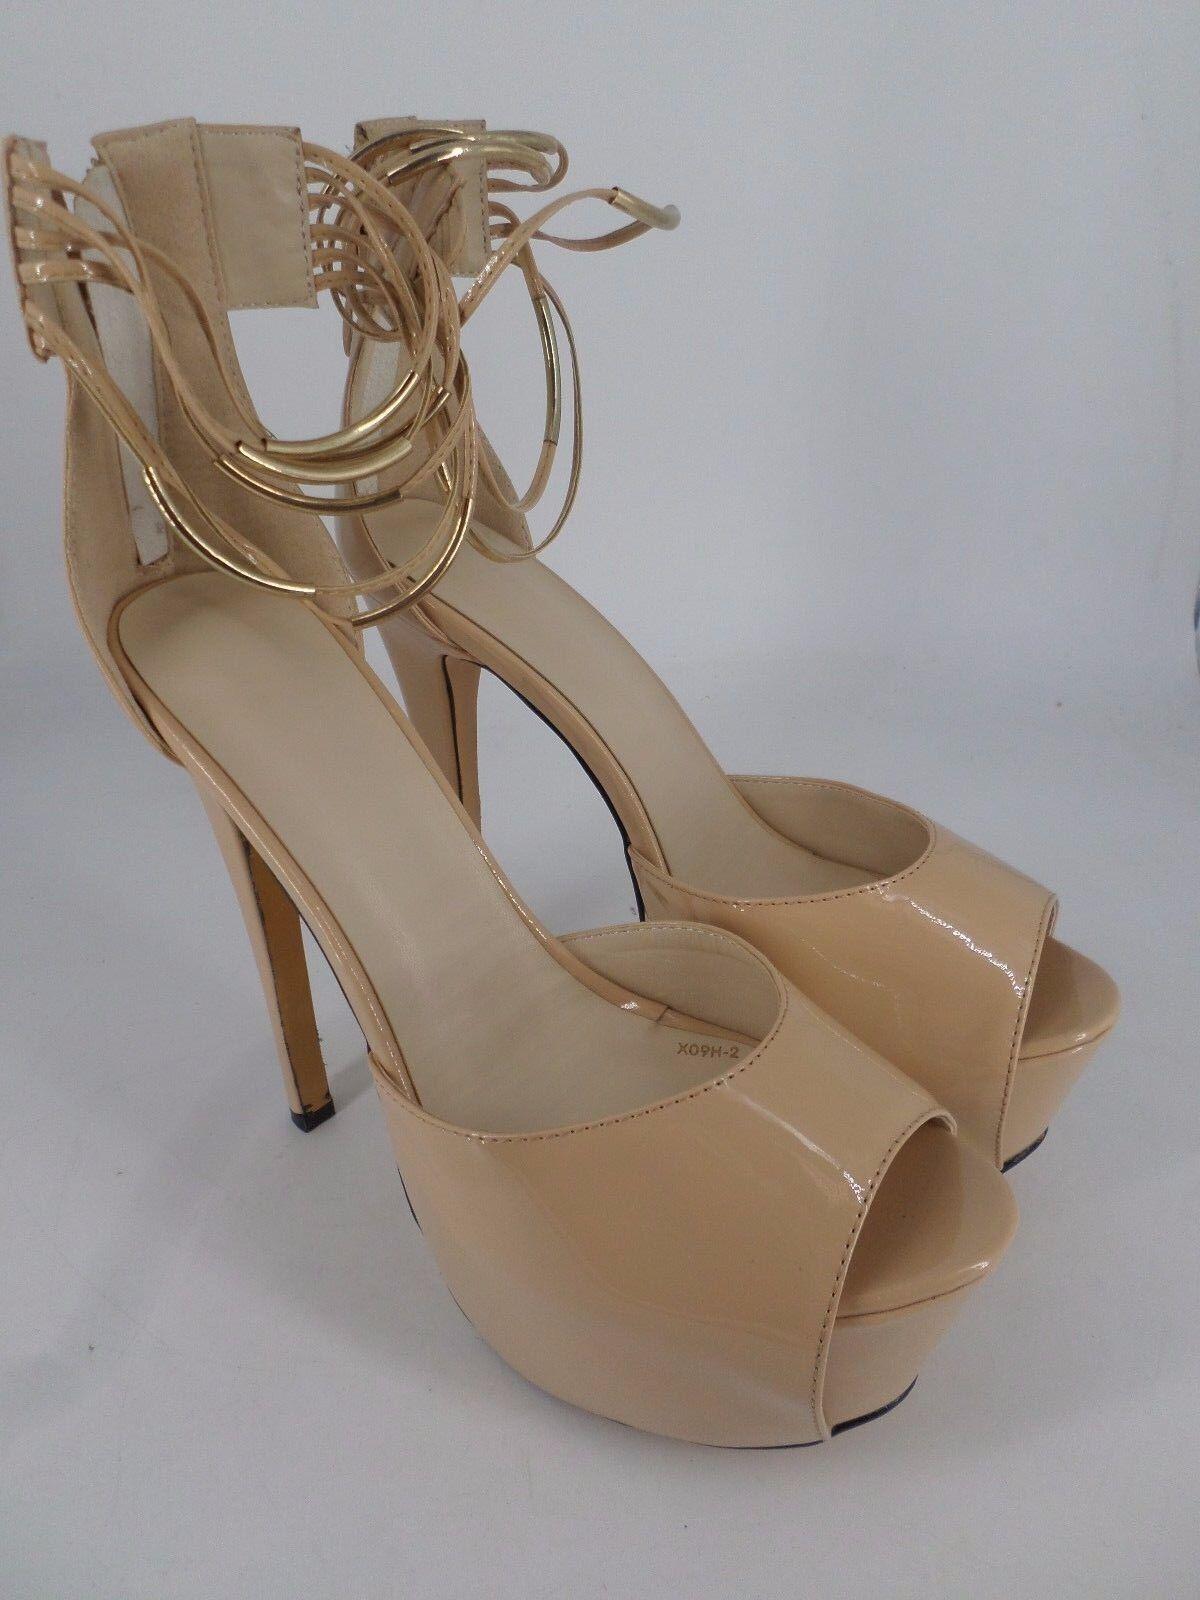 Shoe Strap Pie Apricot Platform Ankle Strap Shoe Peep Toe Heels UK 7 EU 41 LN27 32 8aeb14